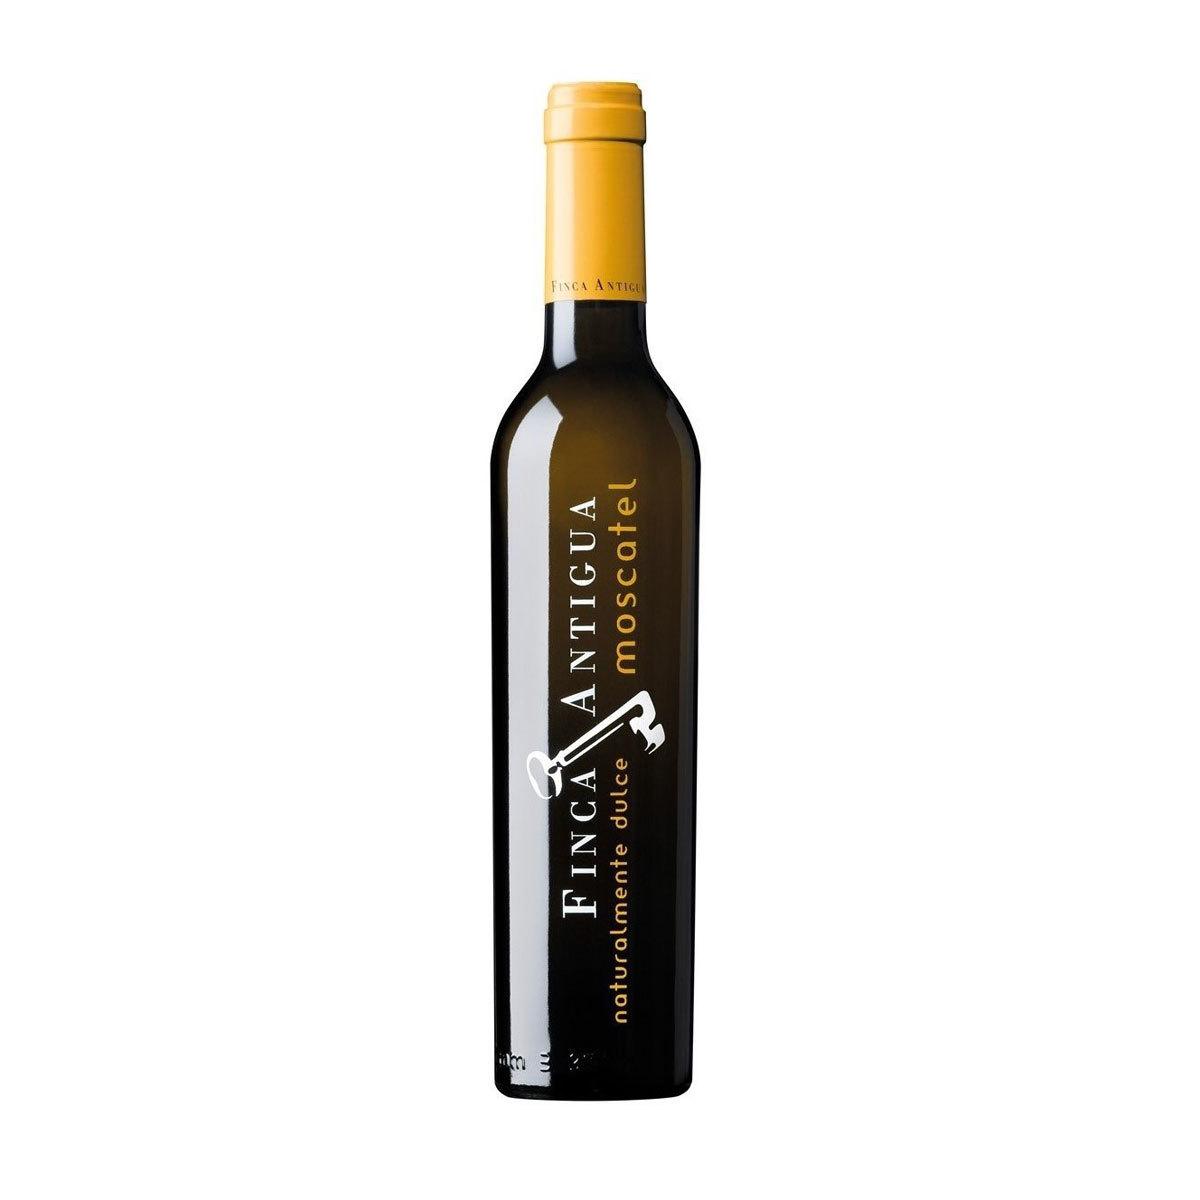 Si te gusta acompañar tus postres con un vino dulce, lleva a tu mesa...